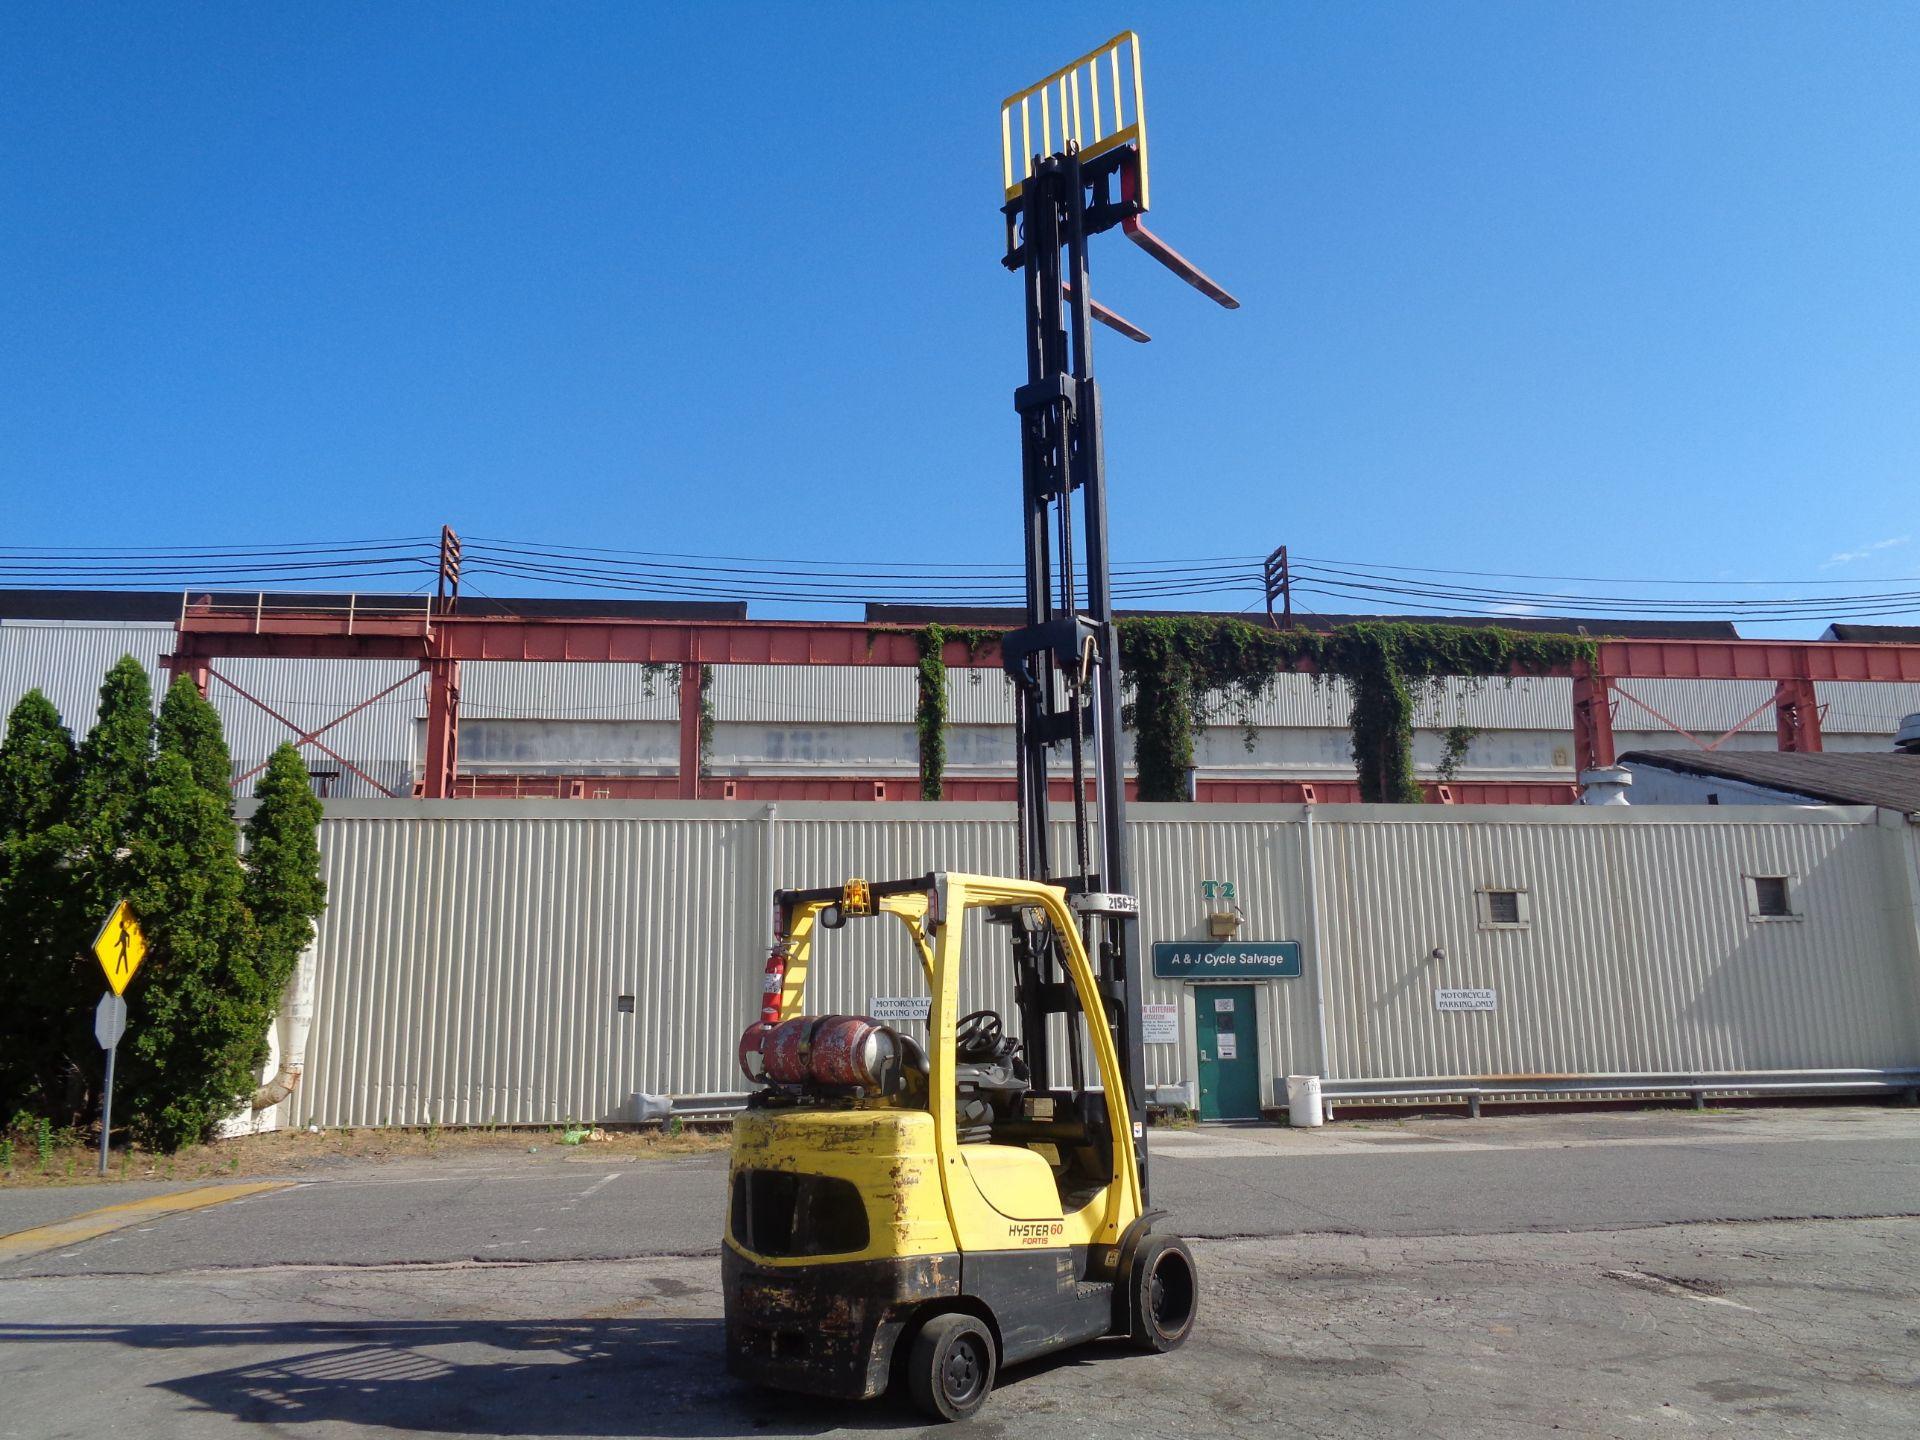 2012 Hyster S60FT 6,000lb Forklift - Quad Mast - Image 13 of 13